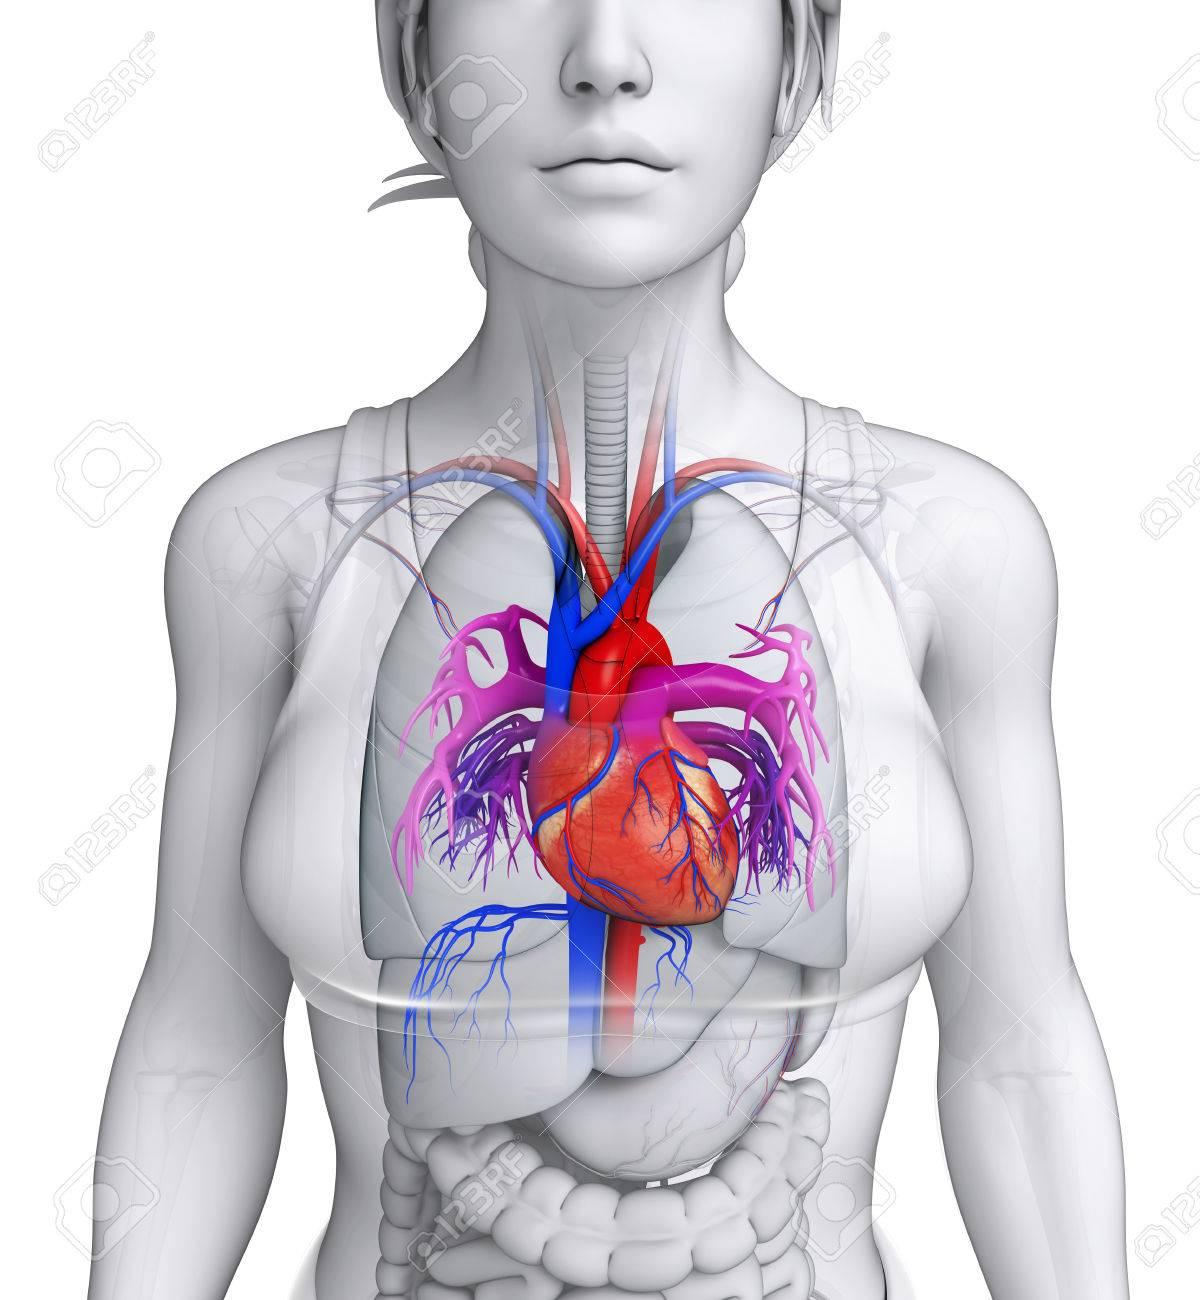 Excepcional Imágenes Anatomía Del Corazón Festooning - Imágenes de ...